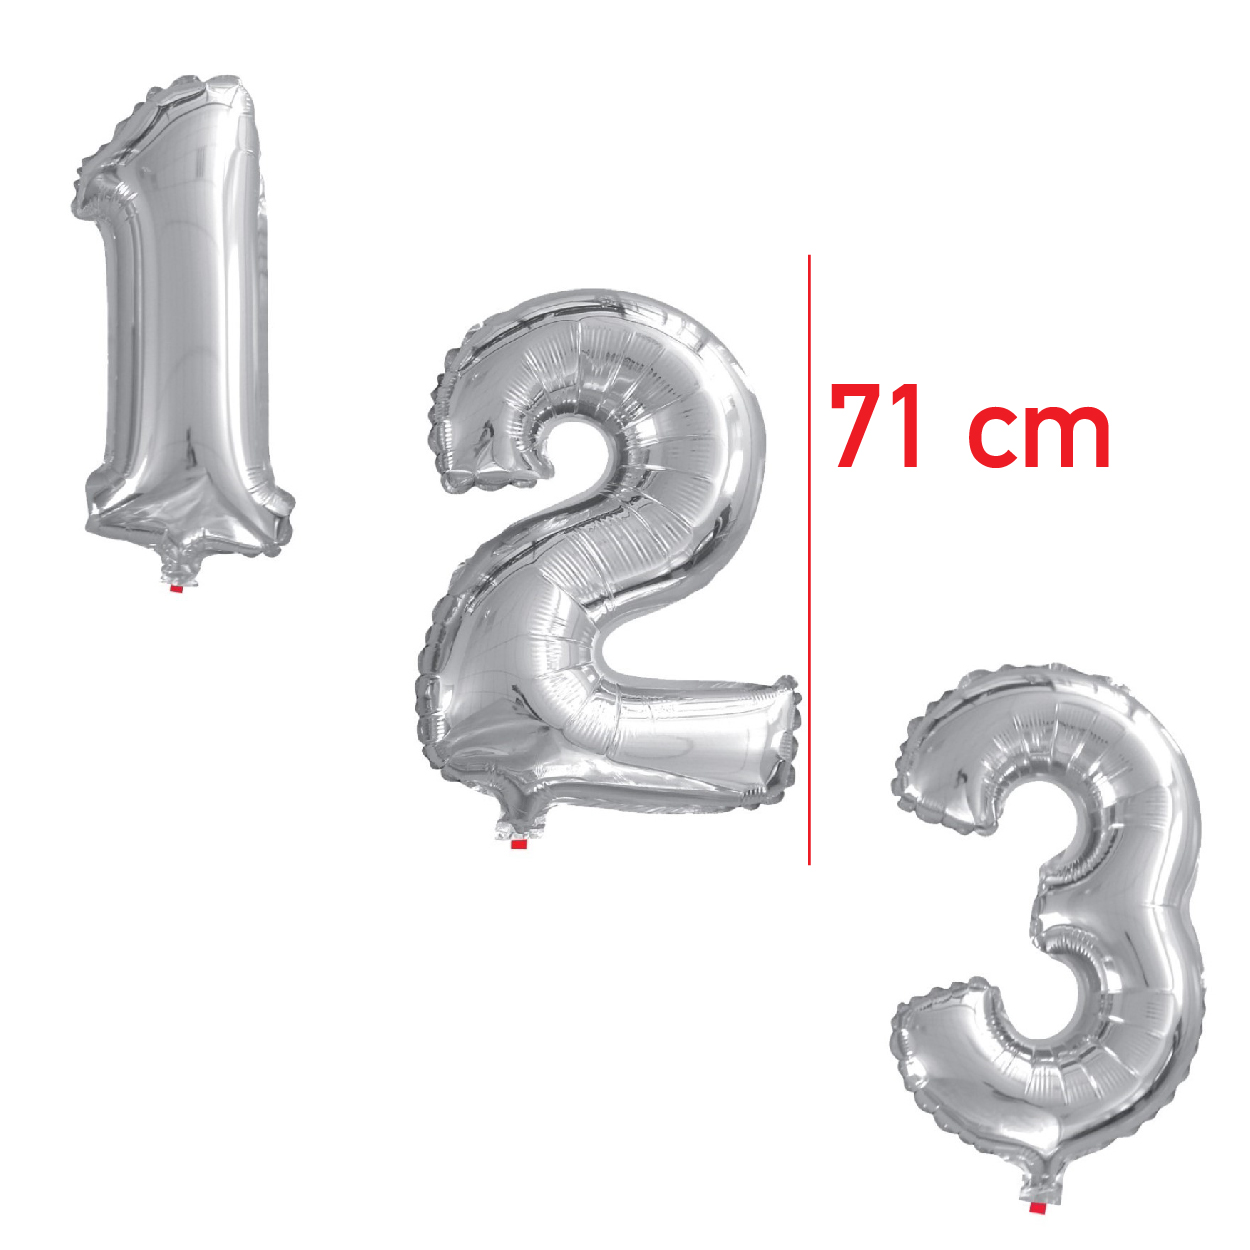 Balões metalizados Números 71cm Metálico-BMNPG